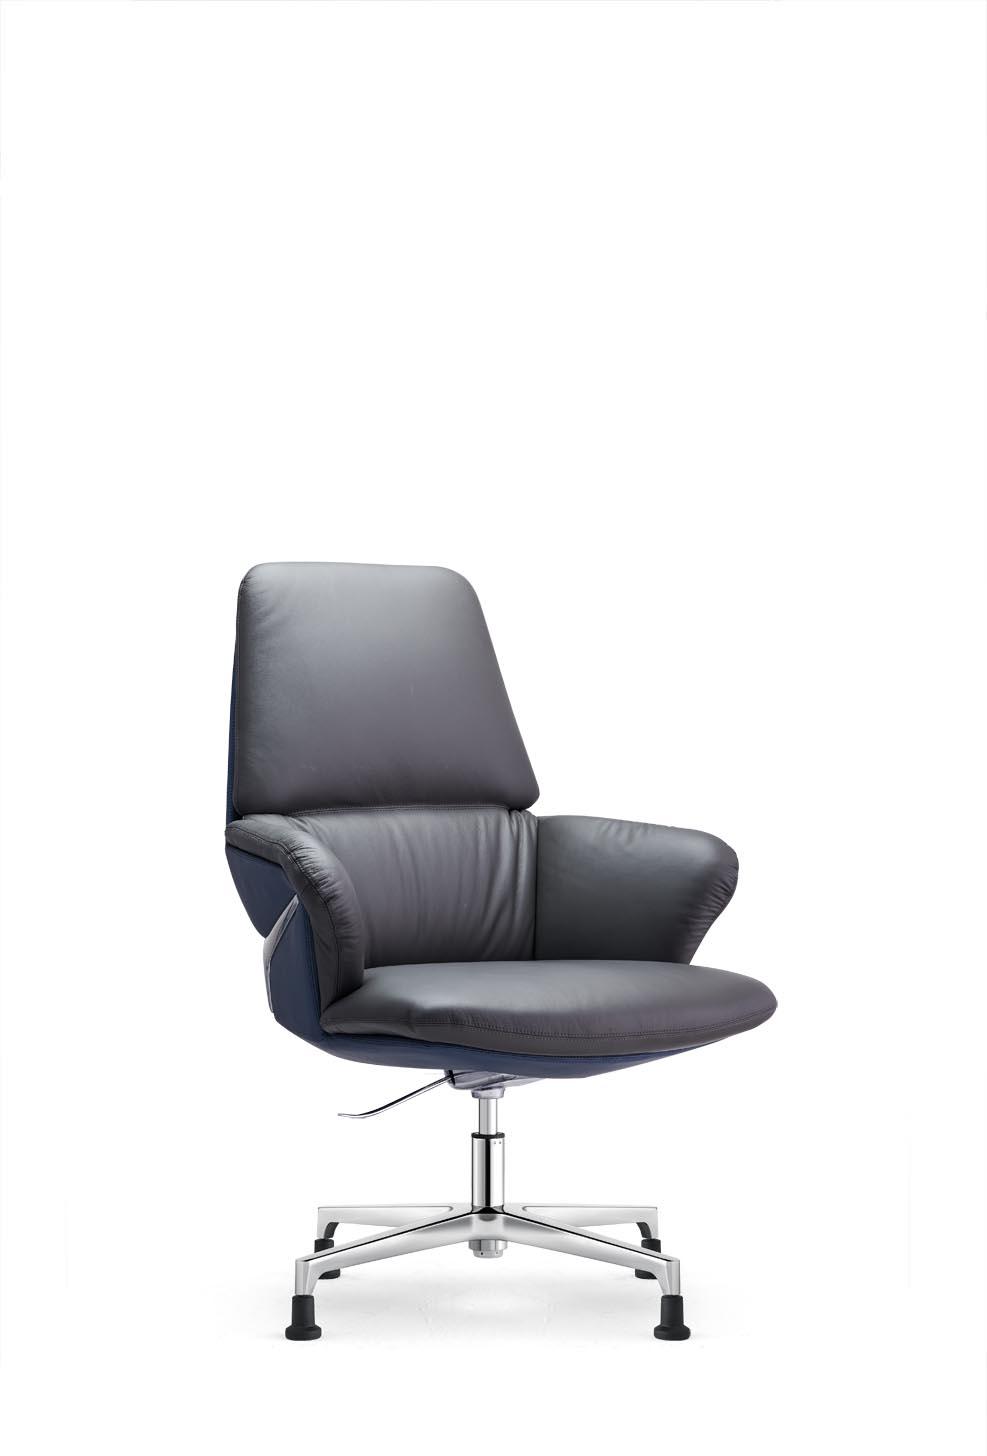 OP-CX60018 (9)